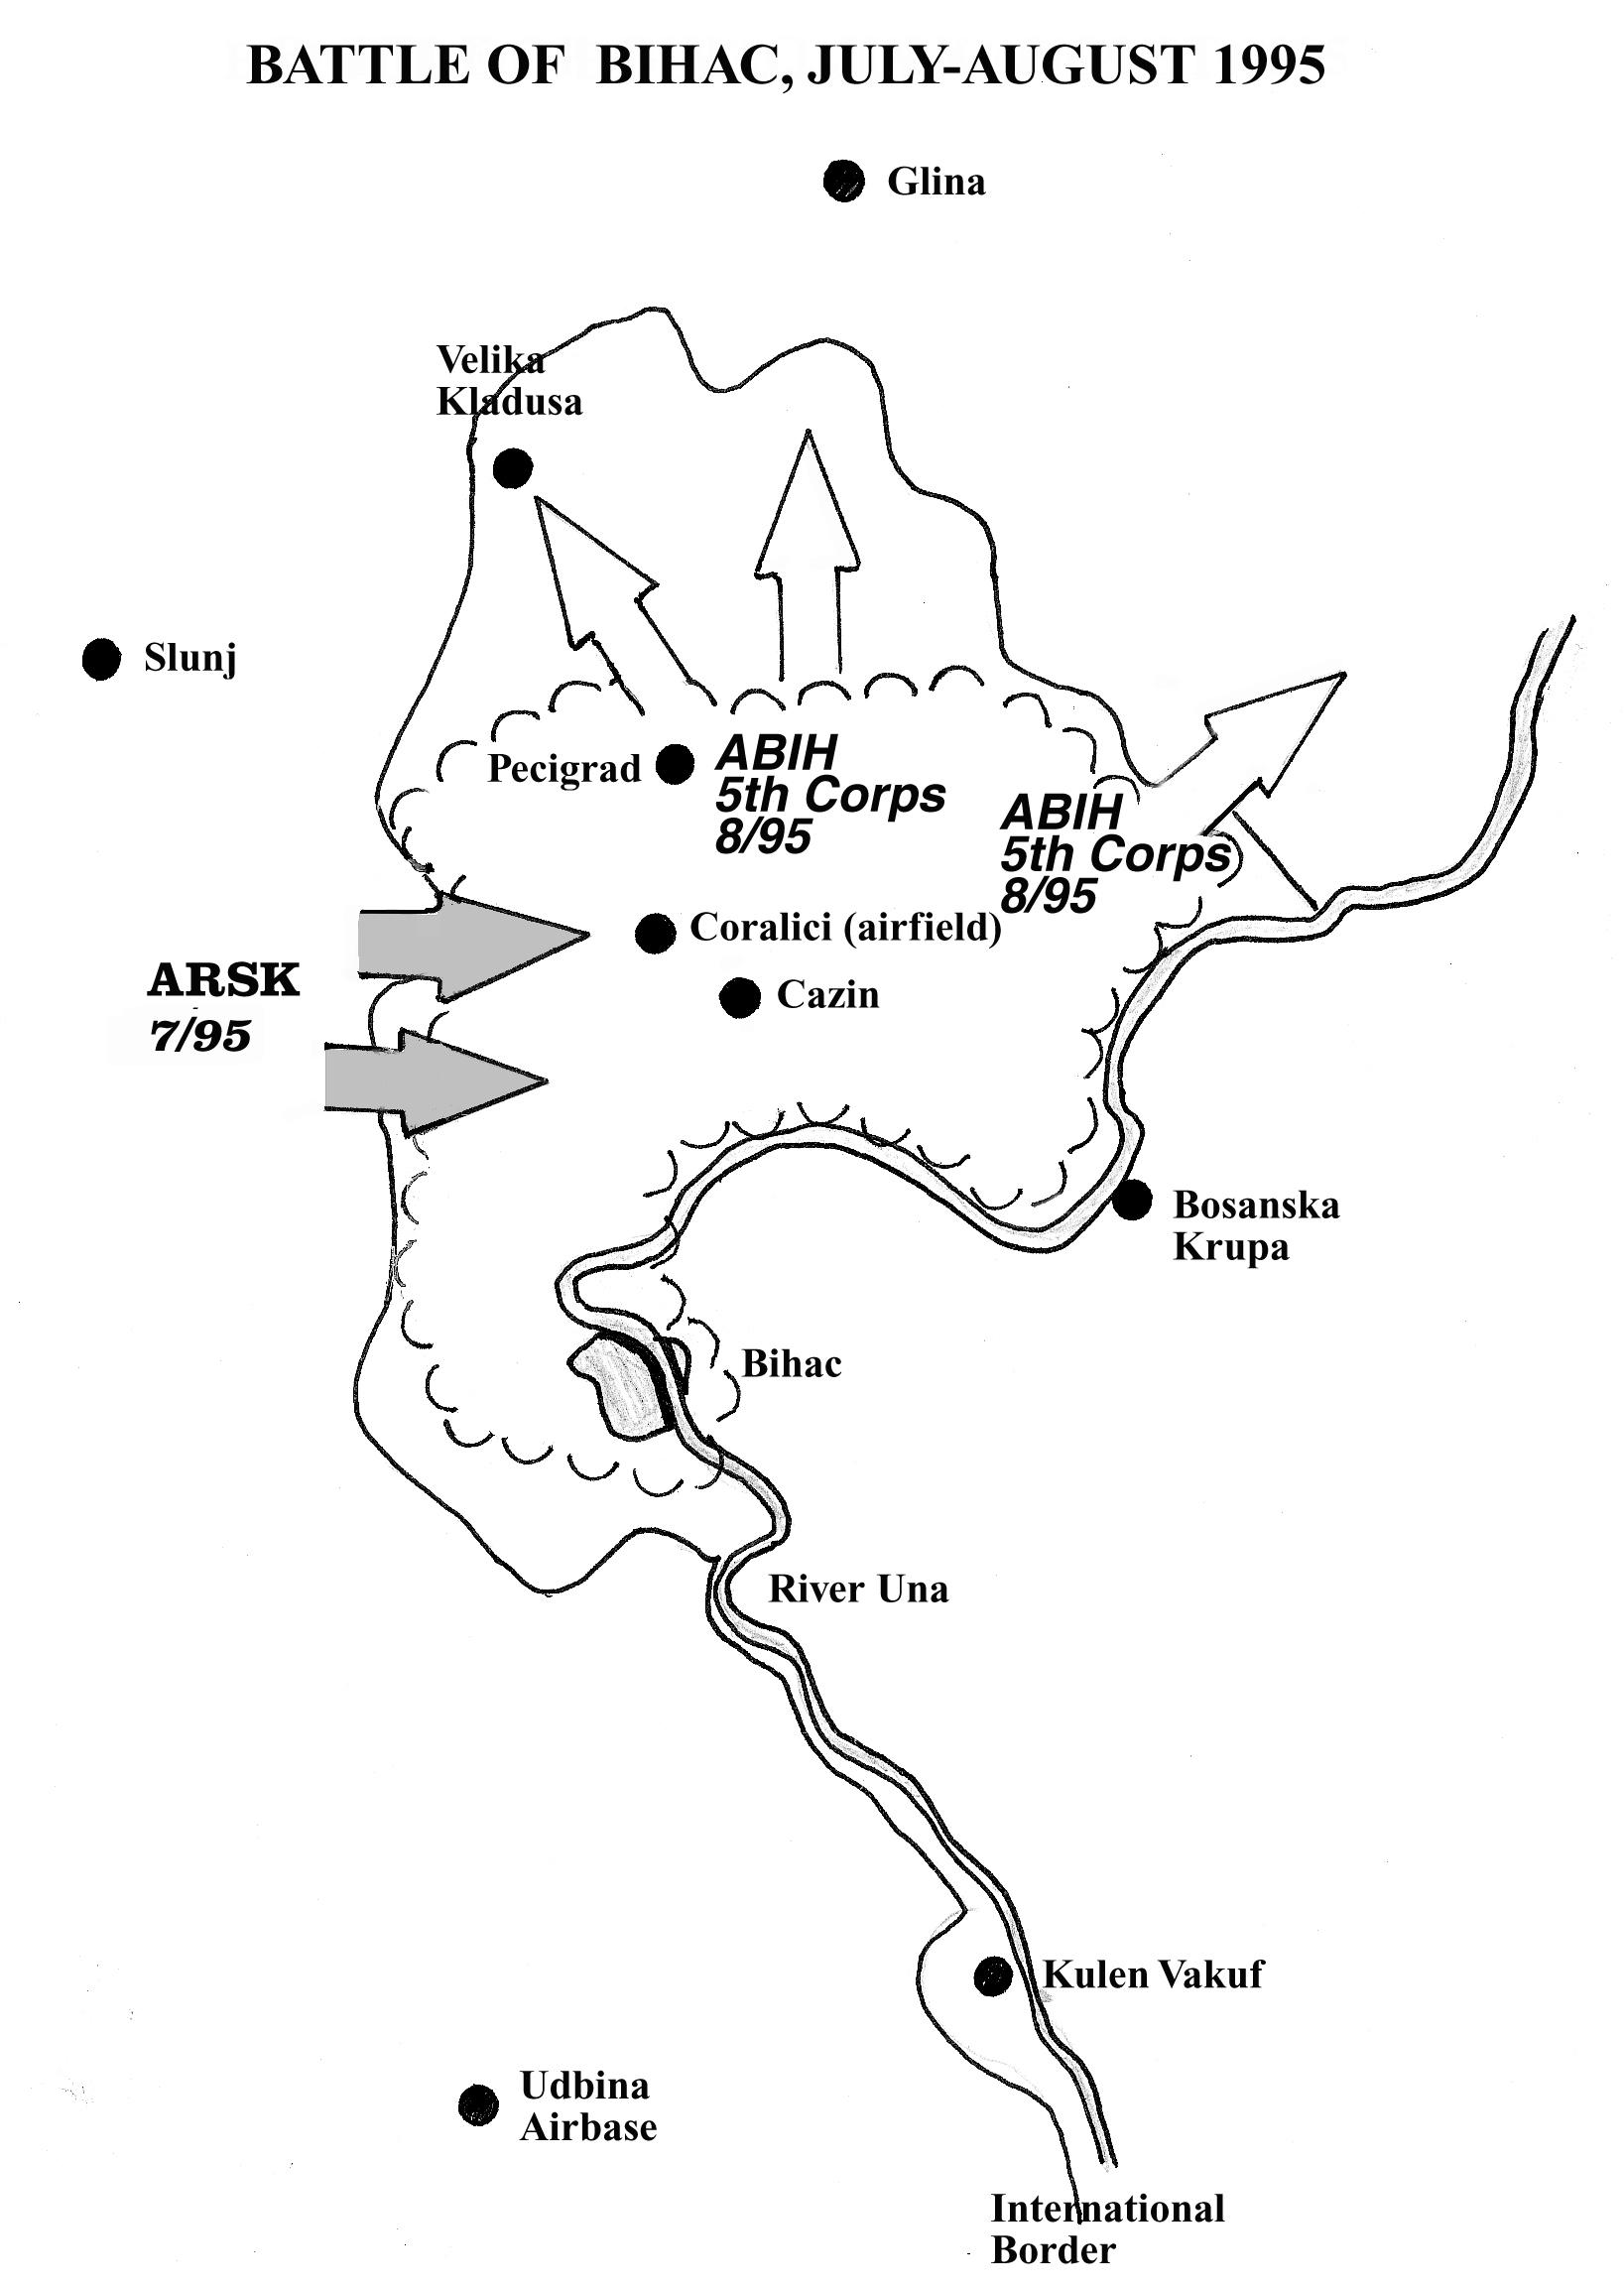 Battle of Bihac, Summer 1995